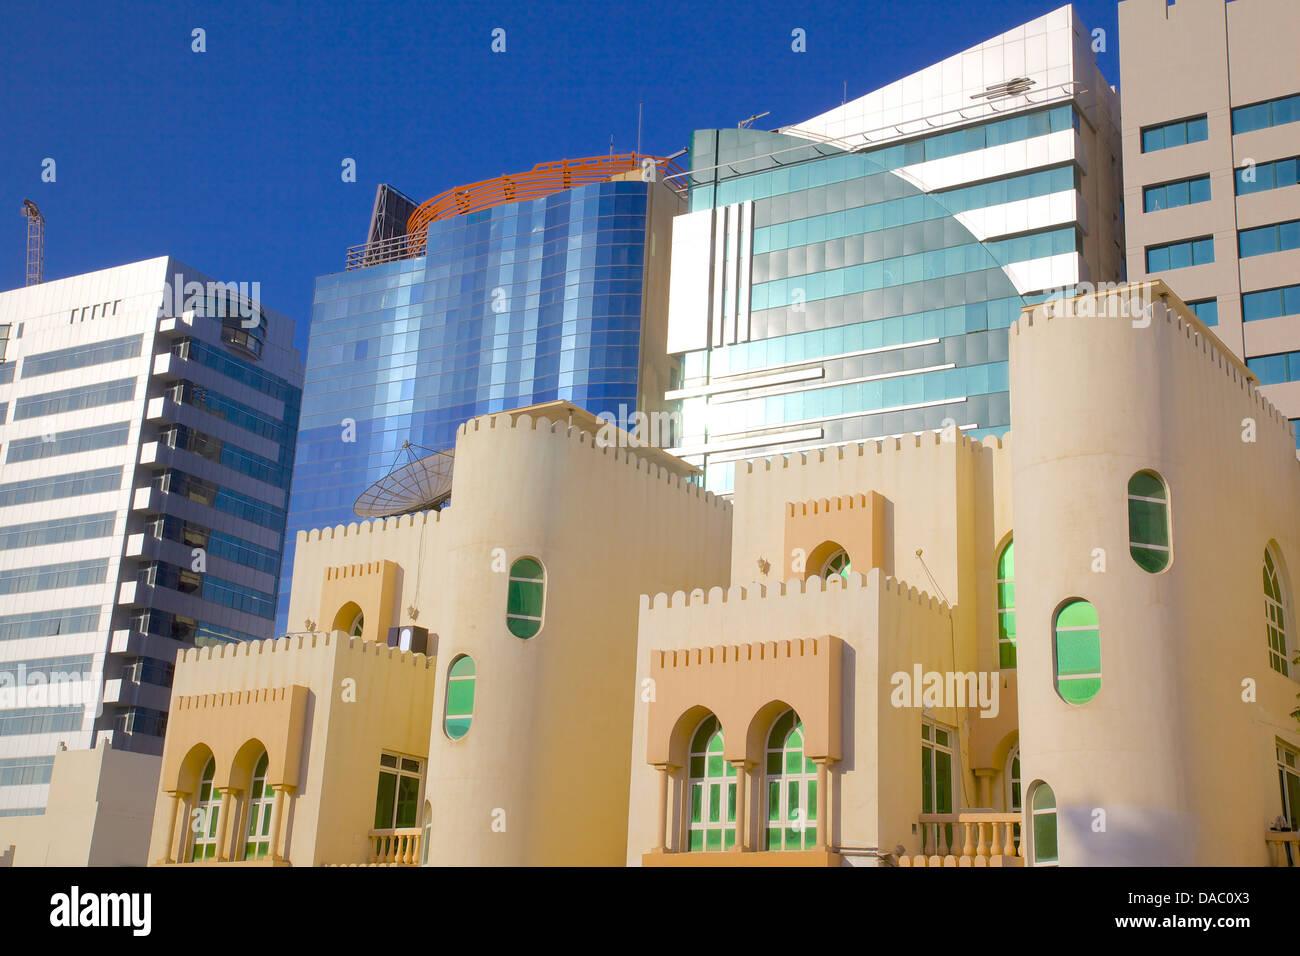 Zeitgenössische Architektur, Abu Dhabi, Vereinigte Arabische Emirate, Naher Osten Stockbild